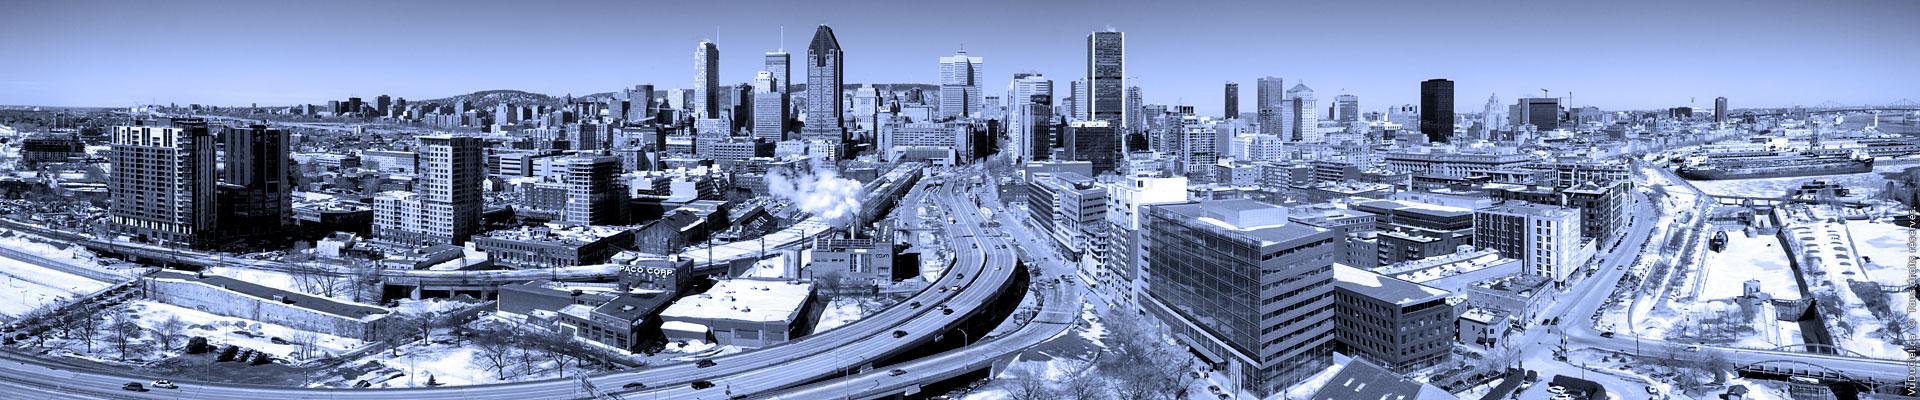 slide-montreal-bonaventure-vuduciel